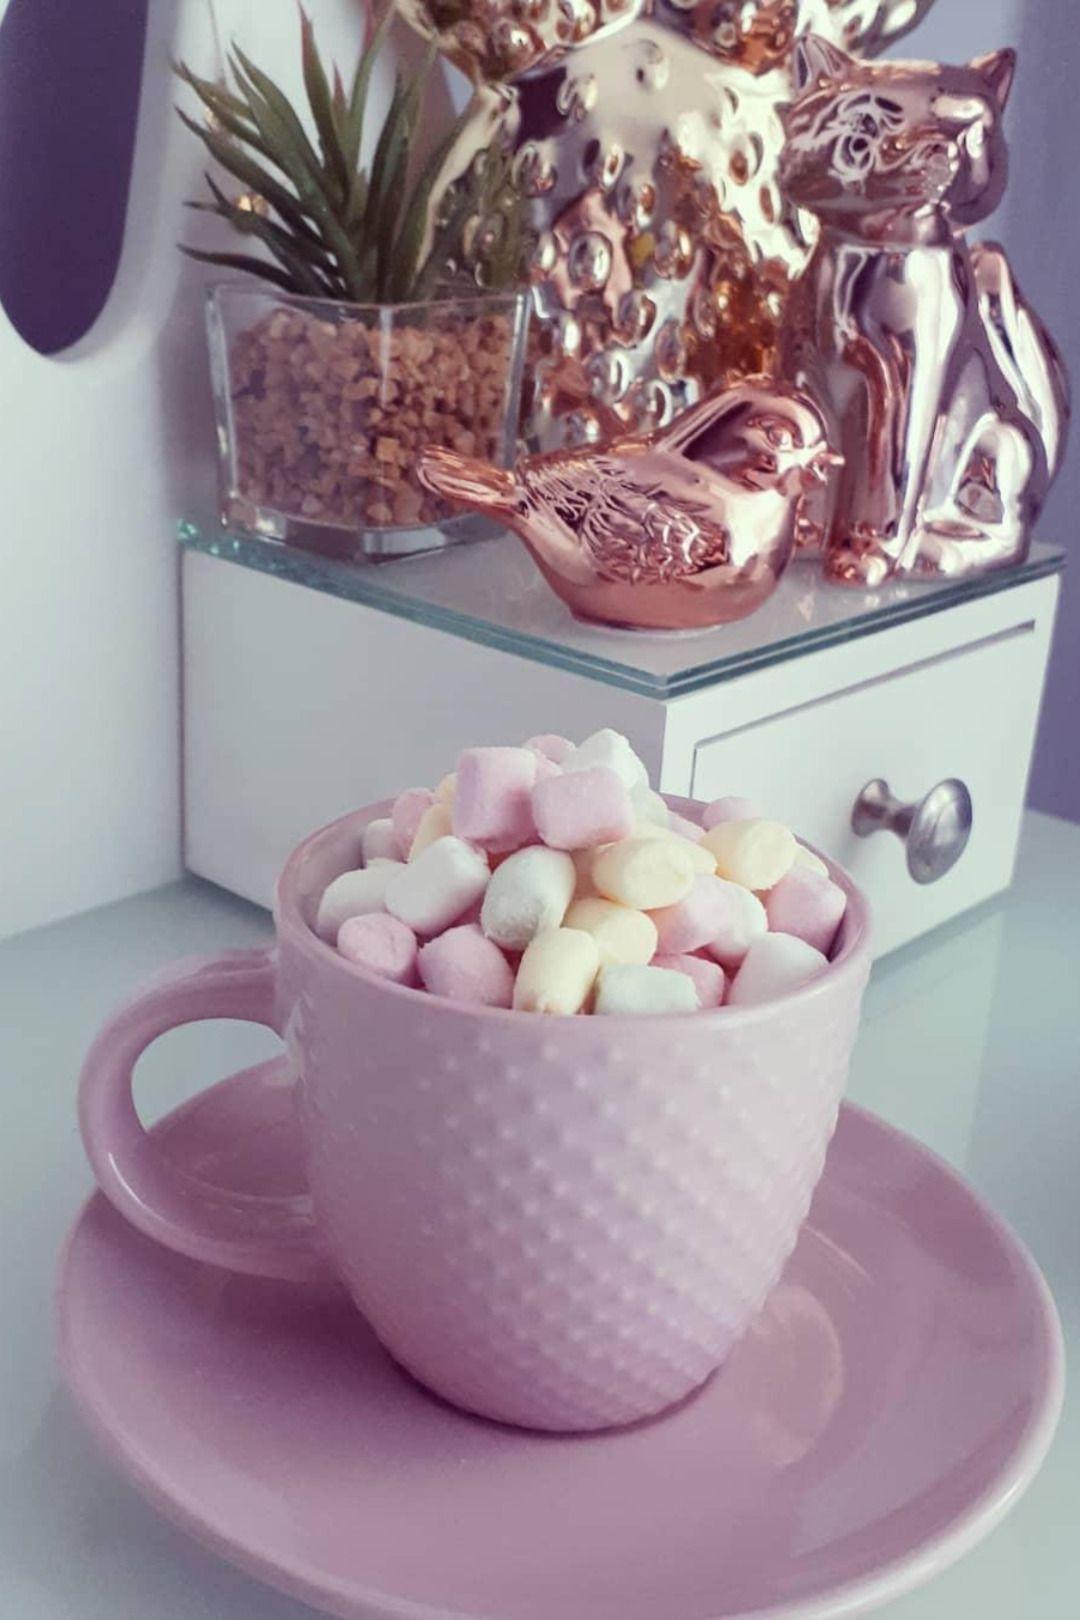 Rosa Tasse Geschirr Günstig Coole Tassen Geschirrservice